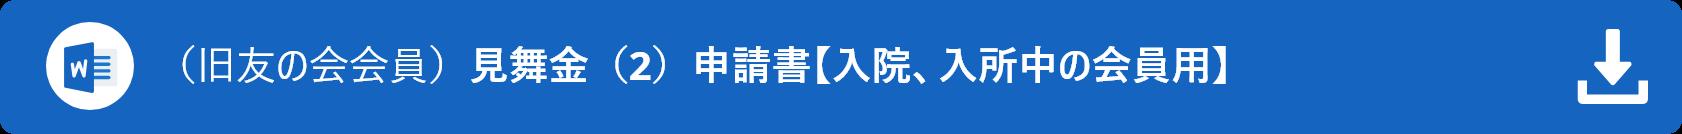 見舞金(2)申請書【入院、入所中の会員用】